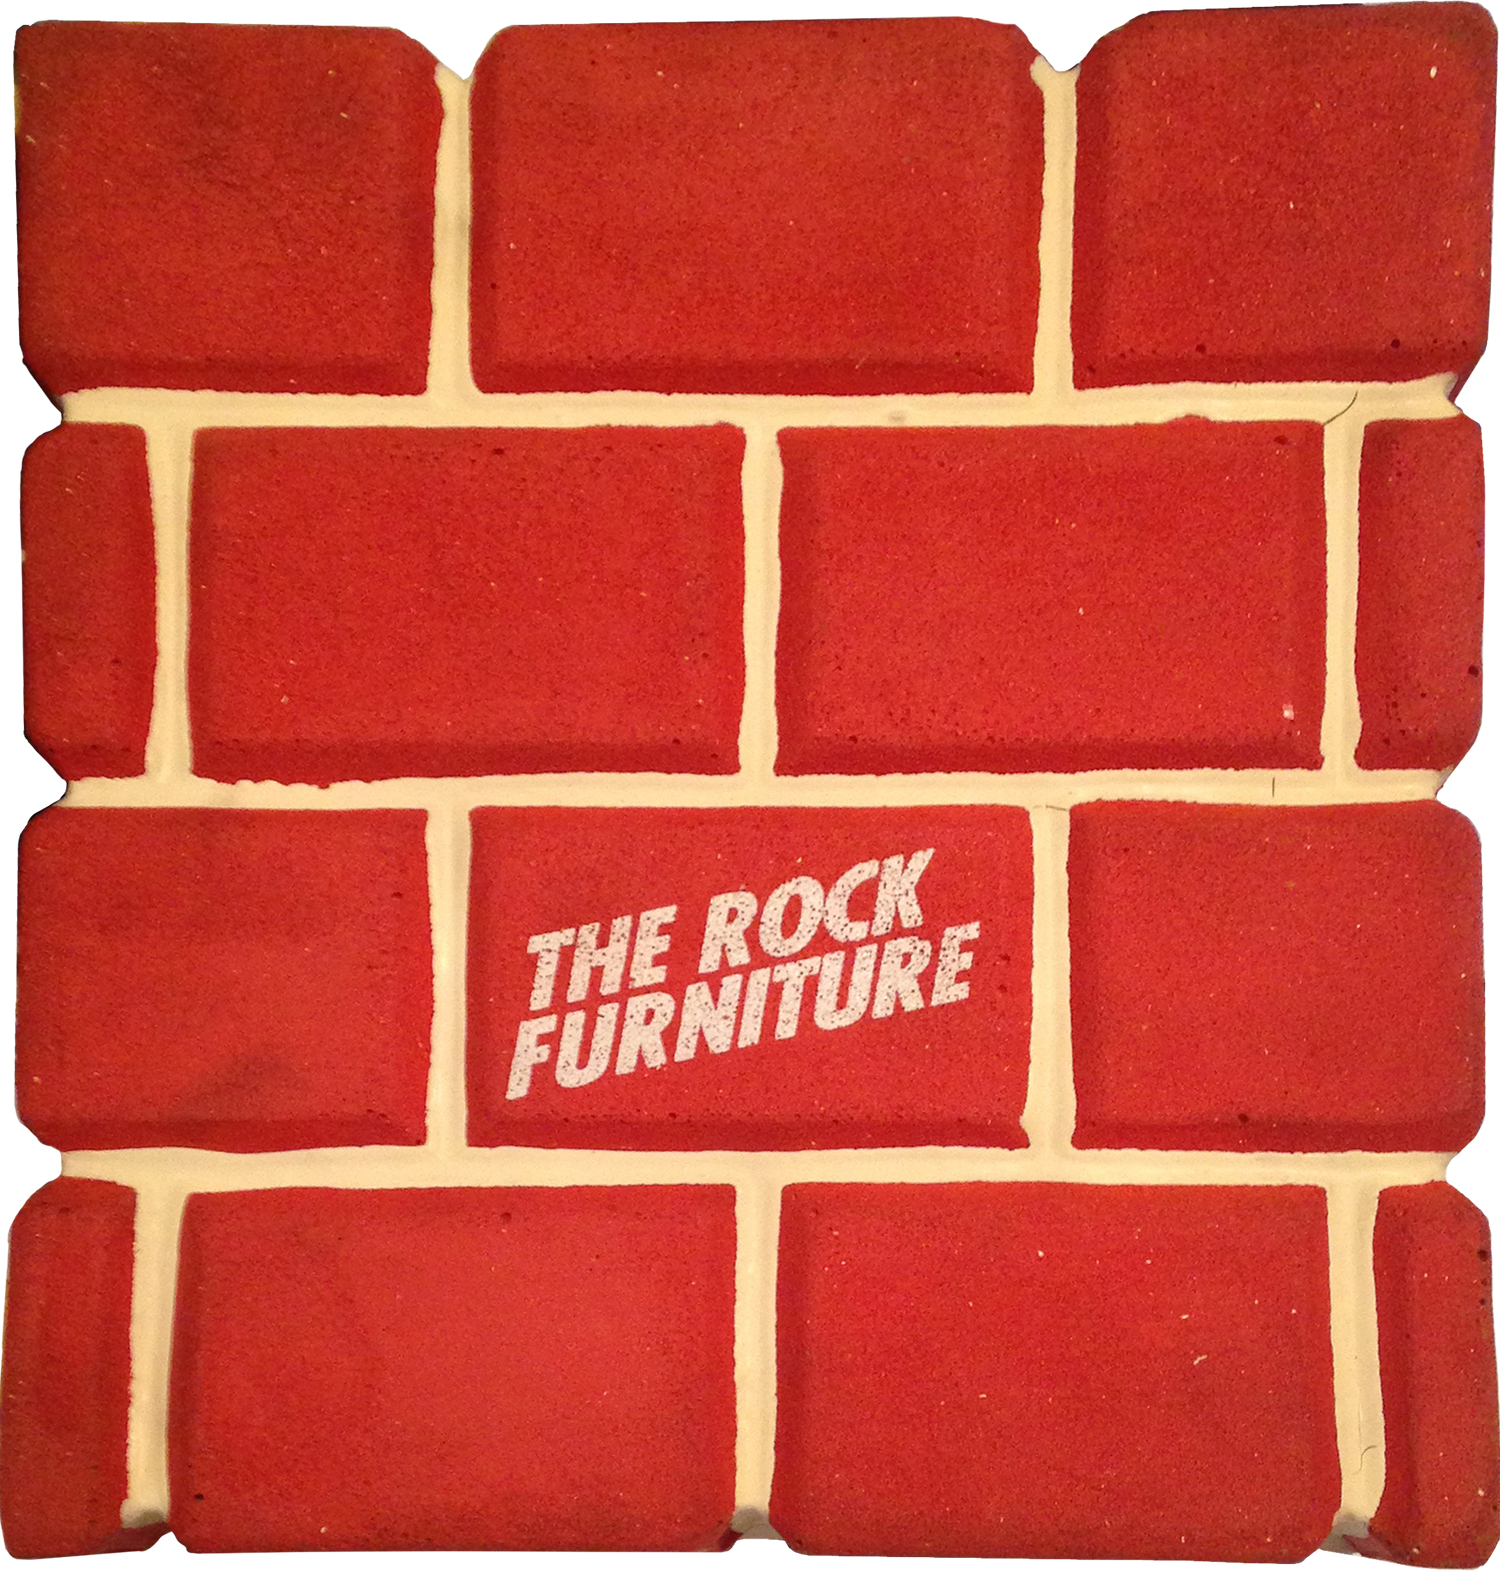 The Rock Furniture_Giorgina Castiglioni